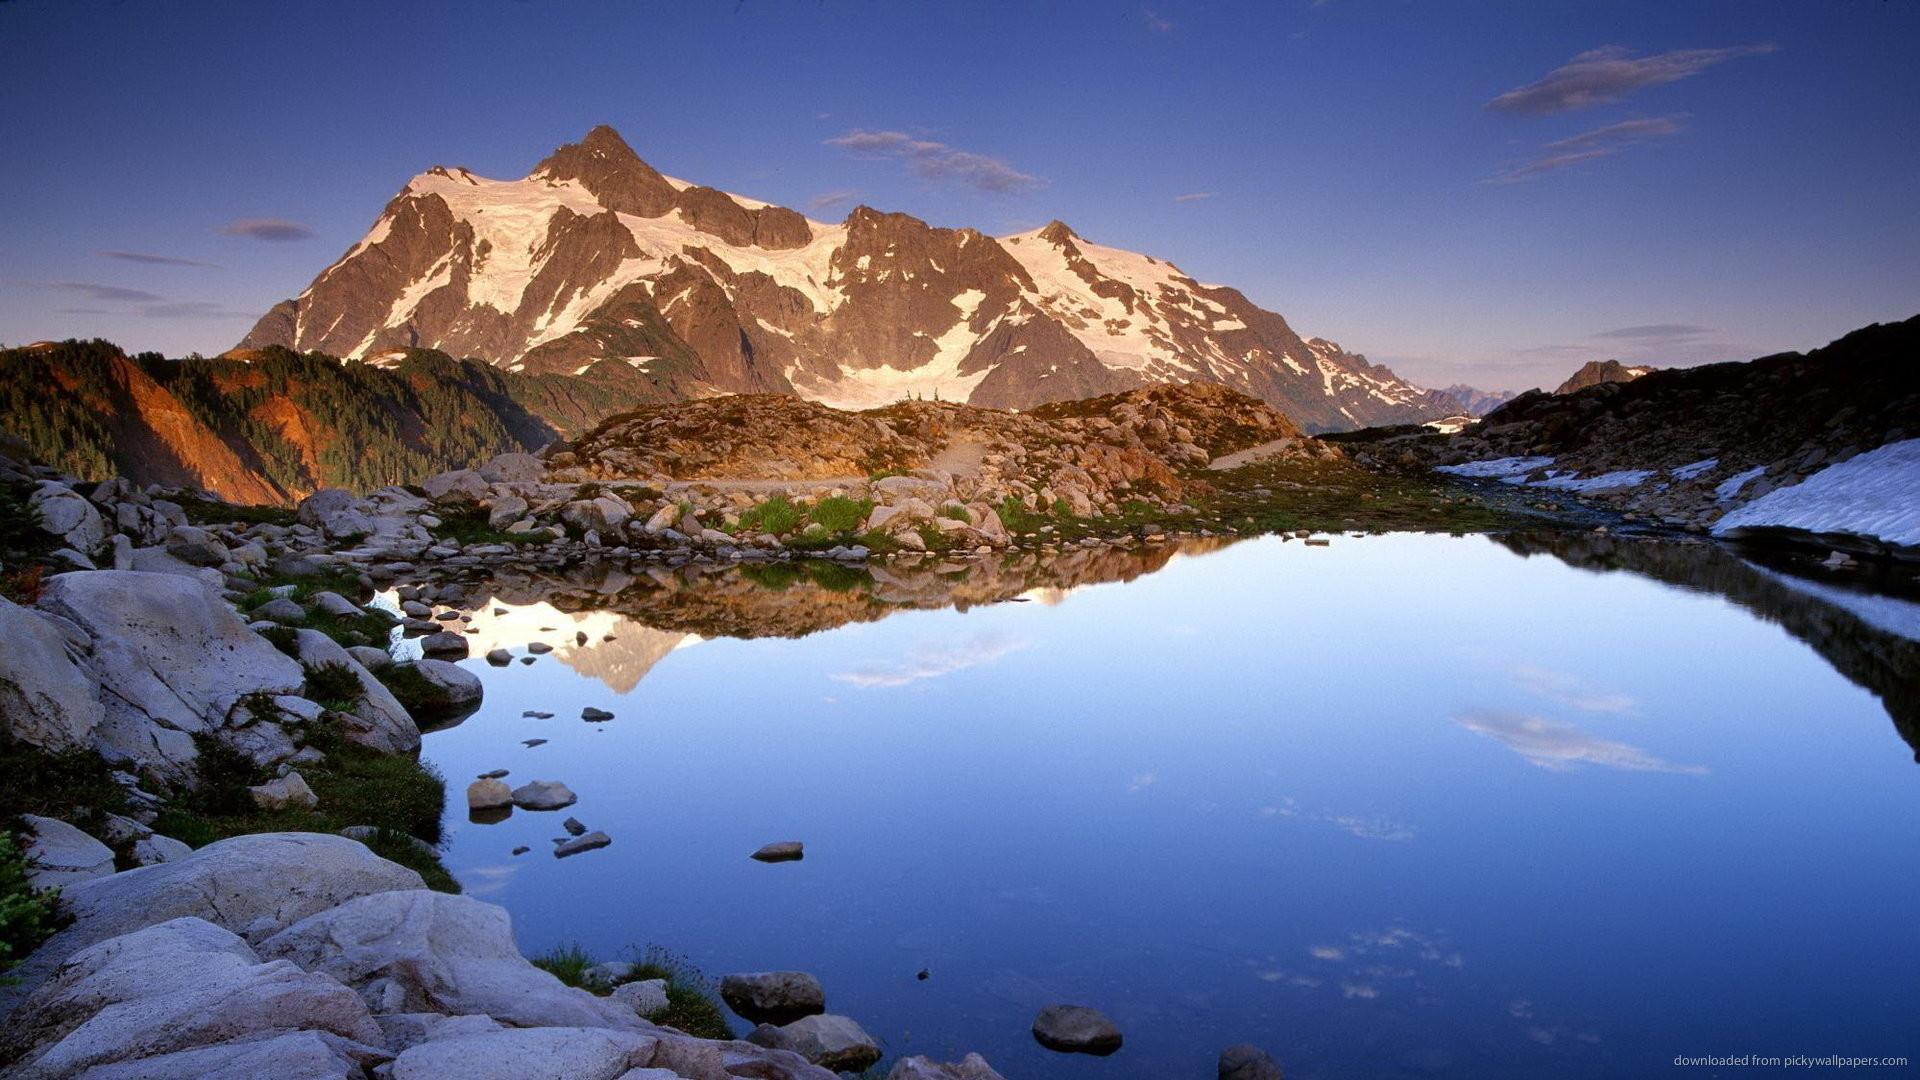 Mountain lake for 1920×1080